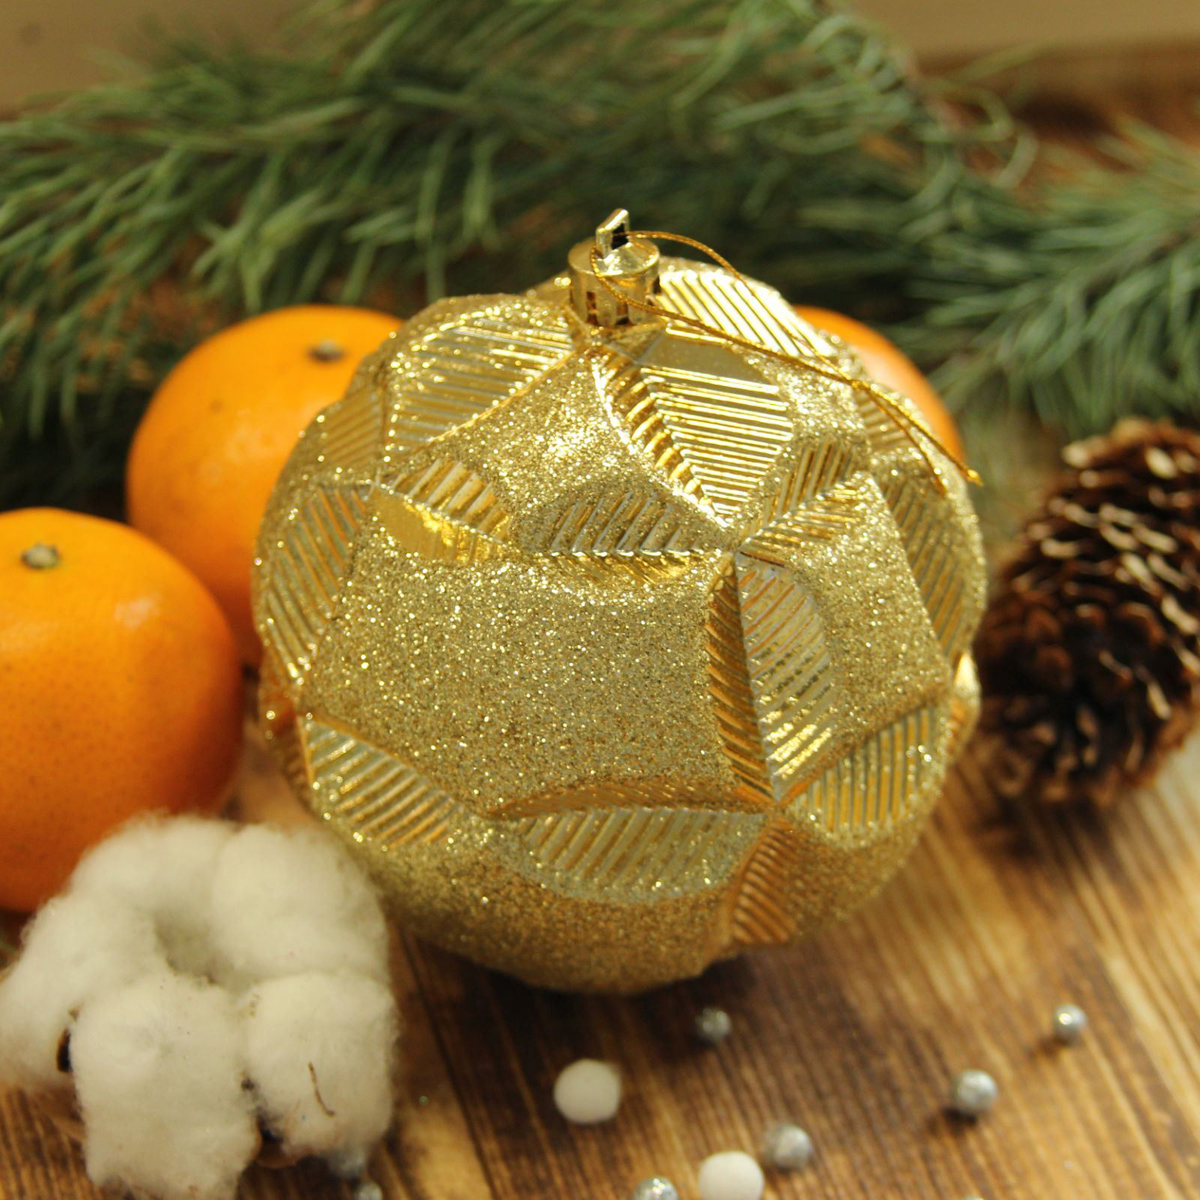 Набор новогодних подвесных украшений Sima-land Цветочный рельеф, цвет: золотистый, диаметр 10 см, 2 шт2123012Набор новогодних подвесных украшений Sima-land отлично подойдет для декорации вашего дома и новогодней ели. С помощью специальной петельки украшение можно повесить в любом понравившемся вам месте. Но, конечно, удачнее всего оно будет смотреться на праздничной елке. Елочная игрушка - символ Нового года. Она несет в себе волшебство и красоту праздника. Создайте в своем доме атмосферу веселья и радости, украшая новогоднюю елку нарядными игрушками, которые будут из года в год накапливать теплоту воспоминаний.